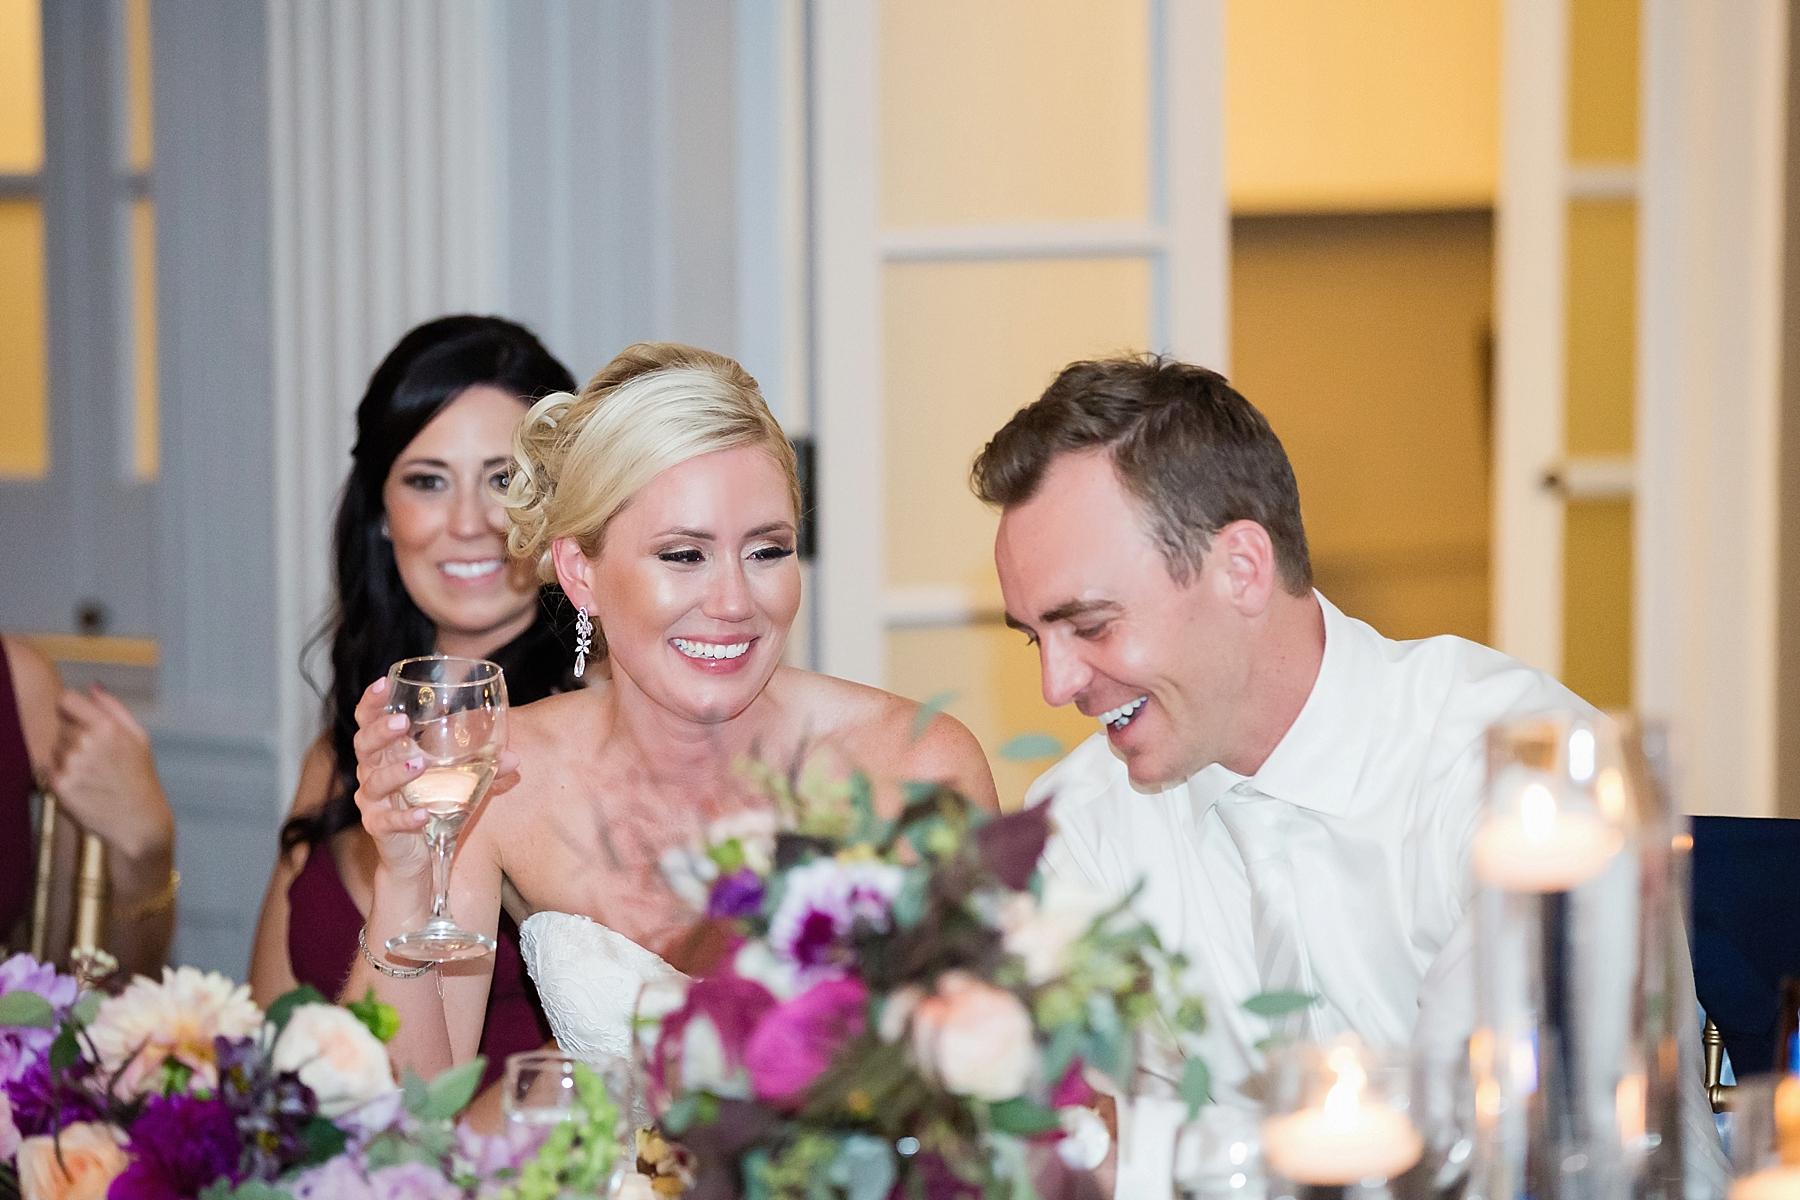 windsor-wedding-photographer-essex-golf-country-club-wedding-eryn-shea-photography_0082.jpg